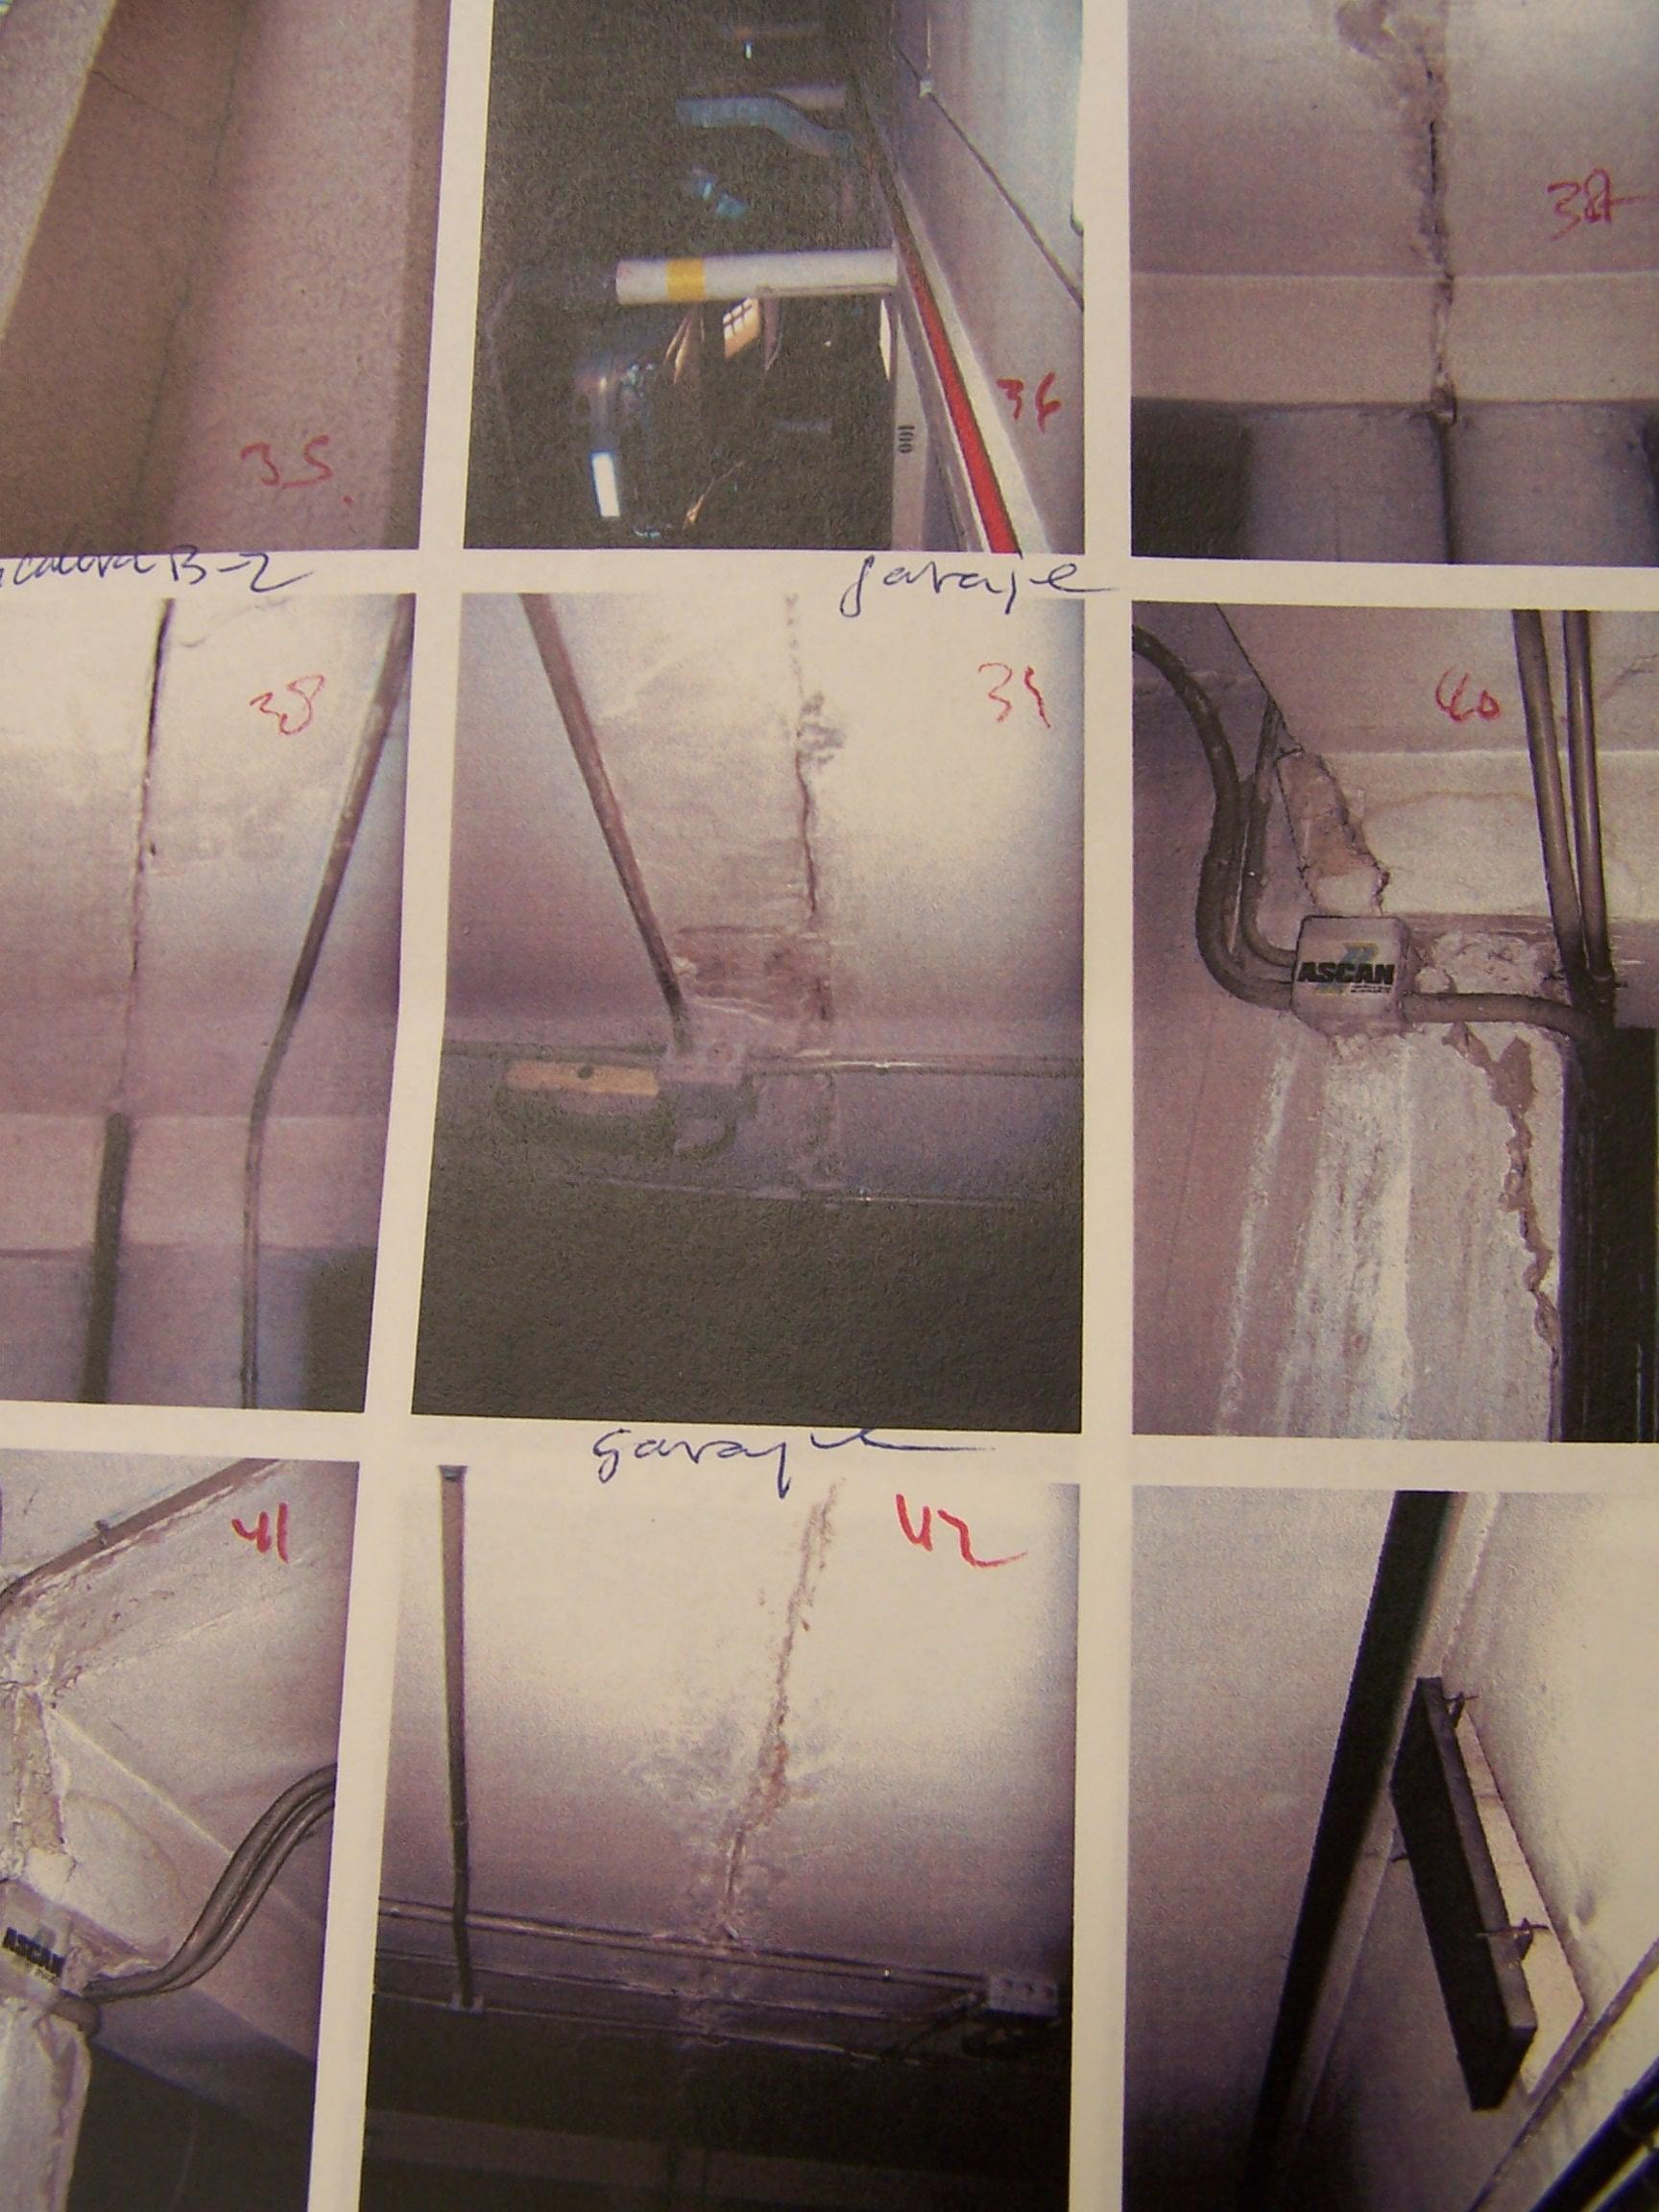 Fotos extraidas del informe municipal sobre las grietas y desperfectos generados por las obras de la Escuela de Artes en el Actur